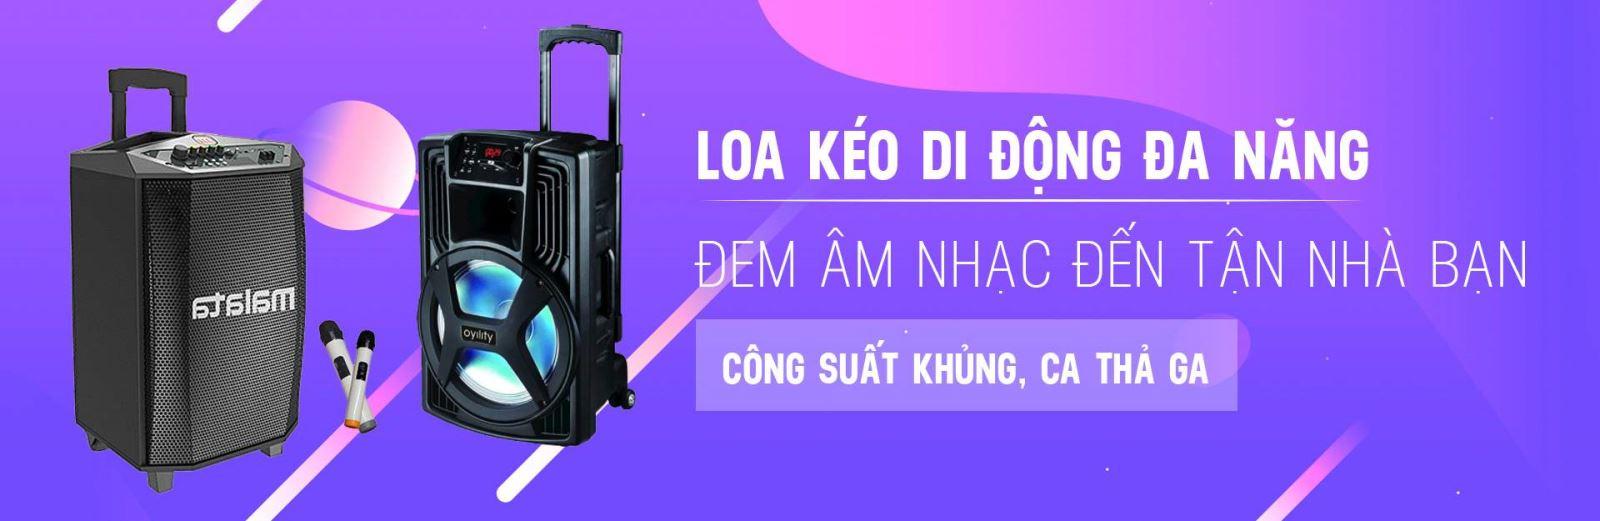 Cho Thuê Loa Kéo Tại Quảng Ngãi 0973.731.203 - 0974.521.352